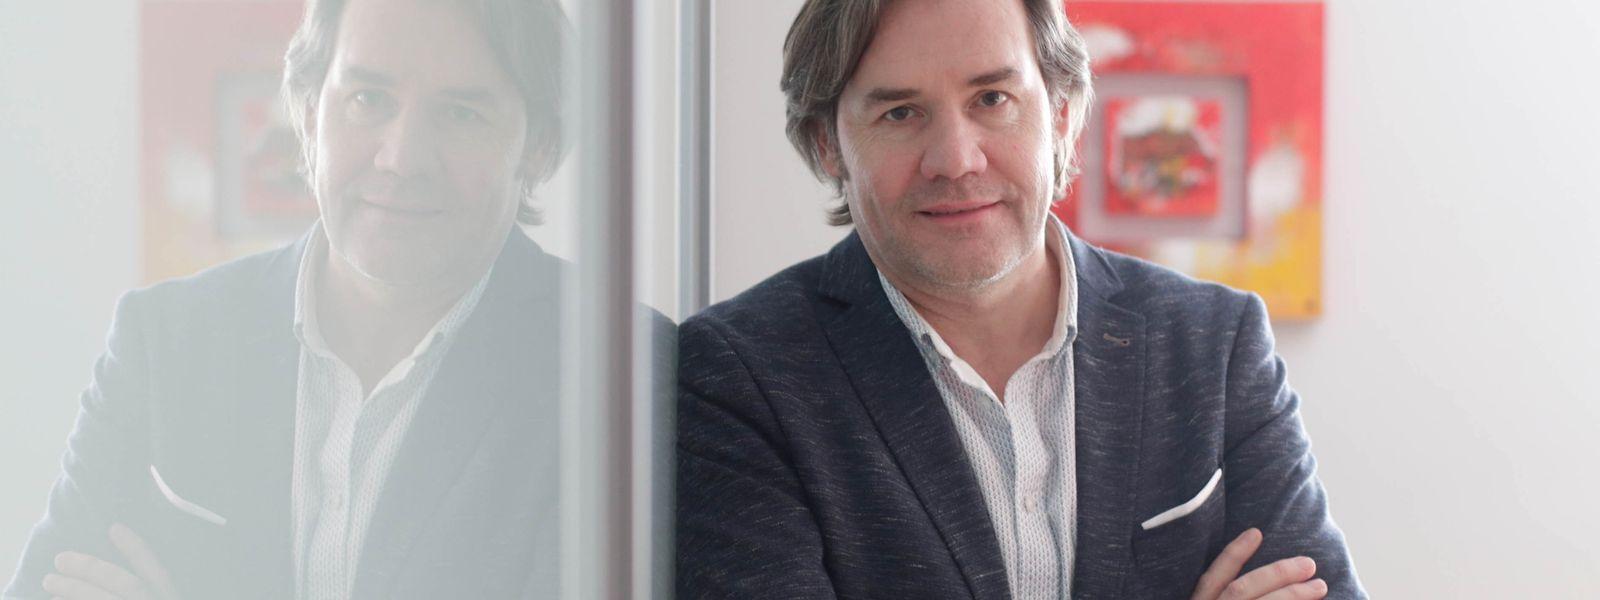 A 49 ans, Marc Lies est député-maire de Hesperange depuis 9 ans.